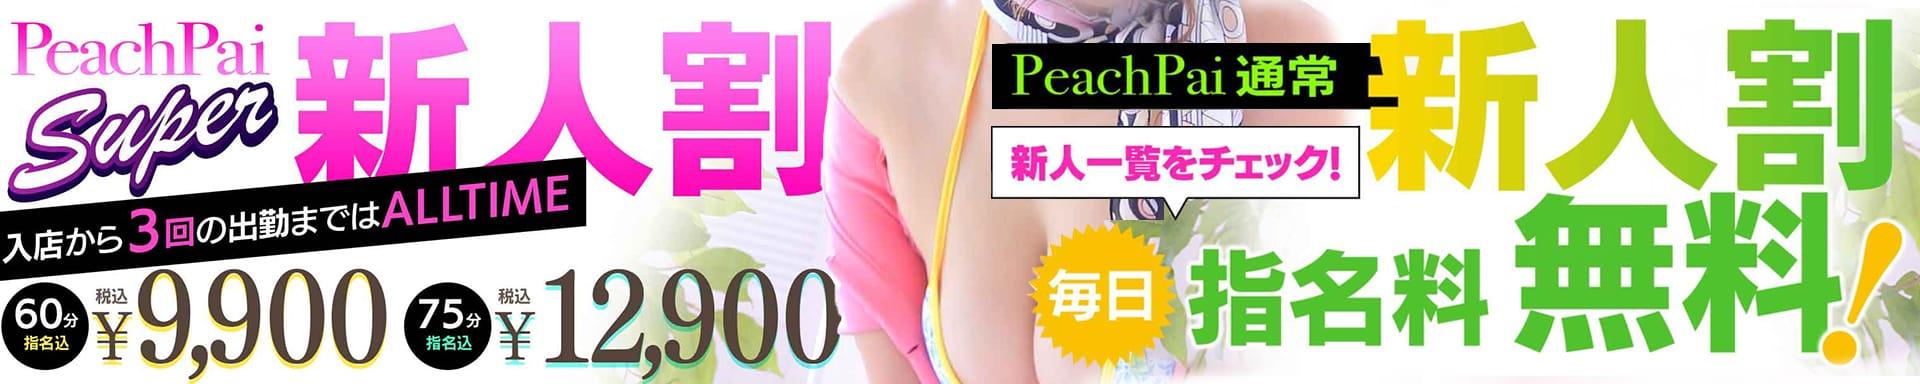 YESグループ PeachPai その2